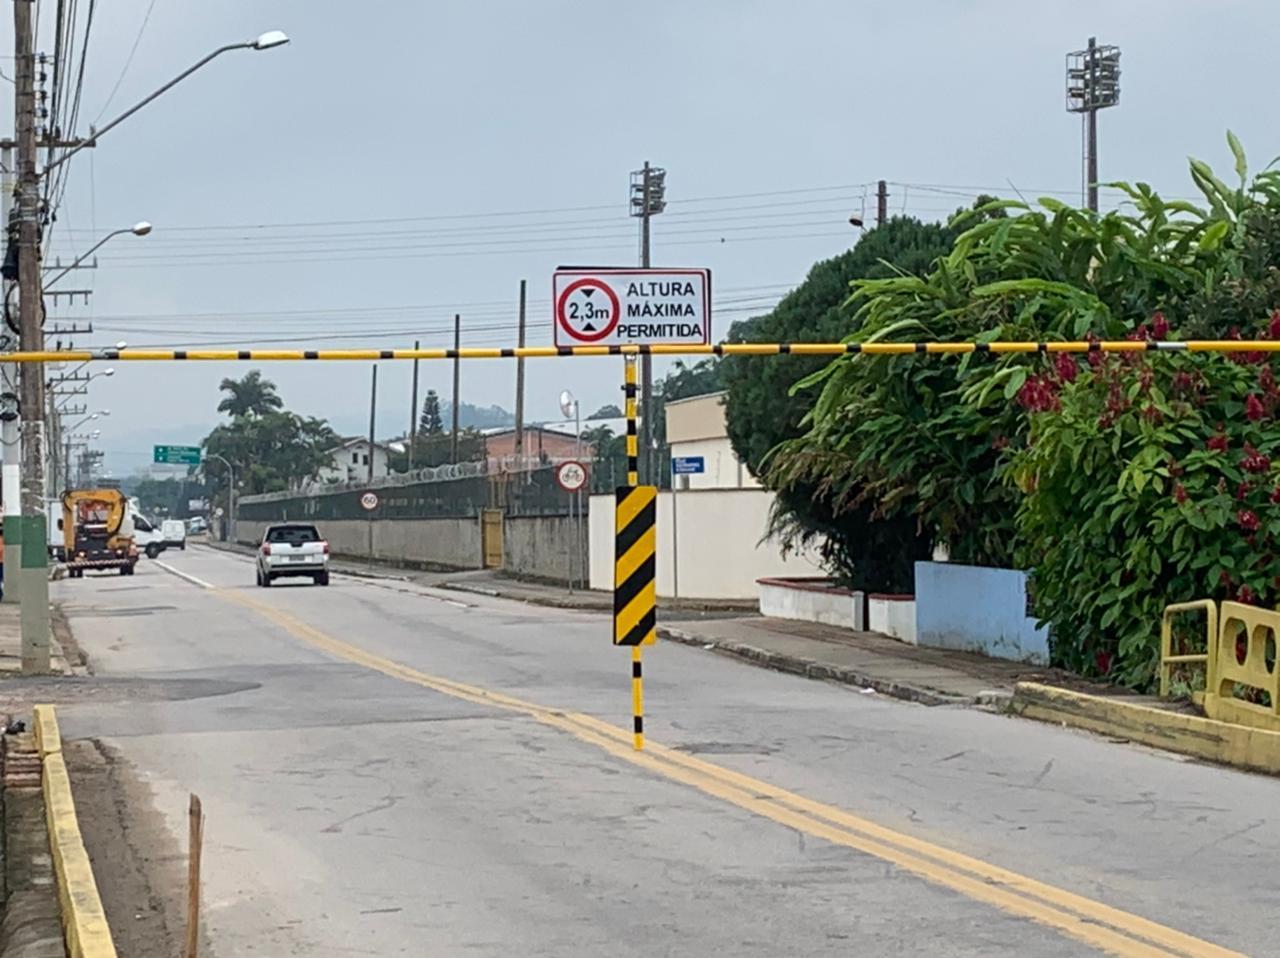 Ponte da rua Itajaí recebe trave de limitação de altura